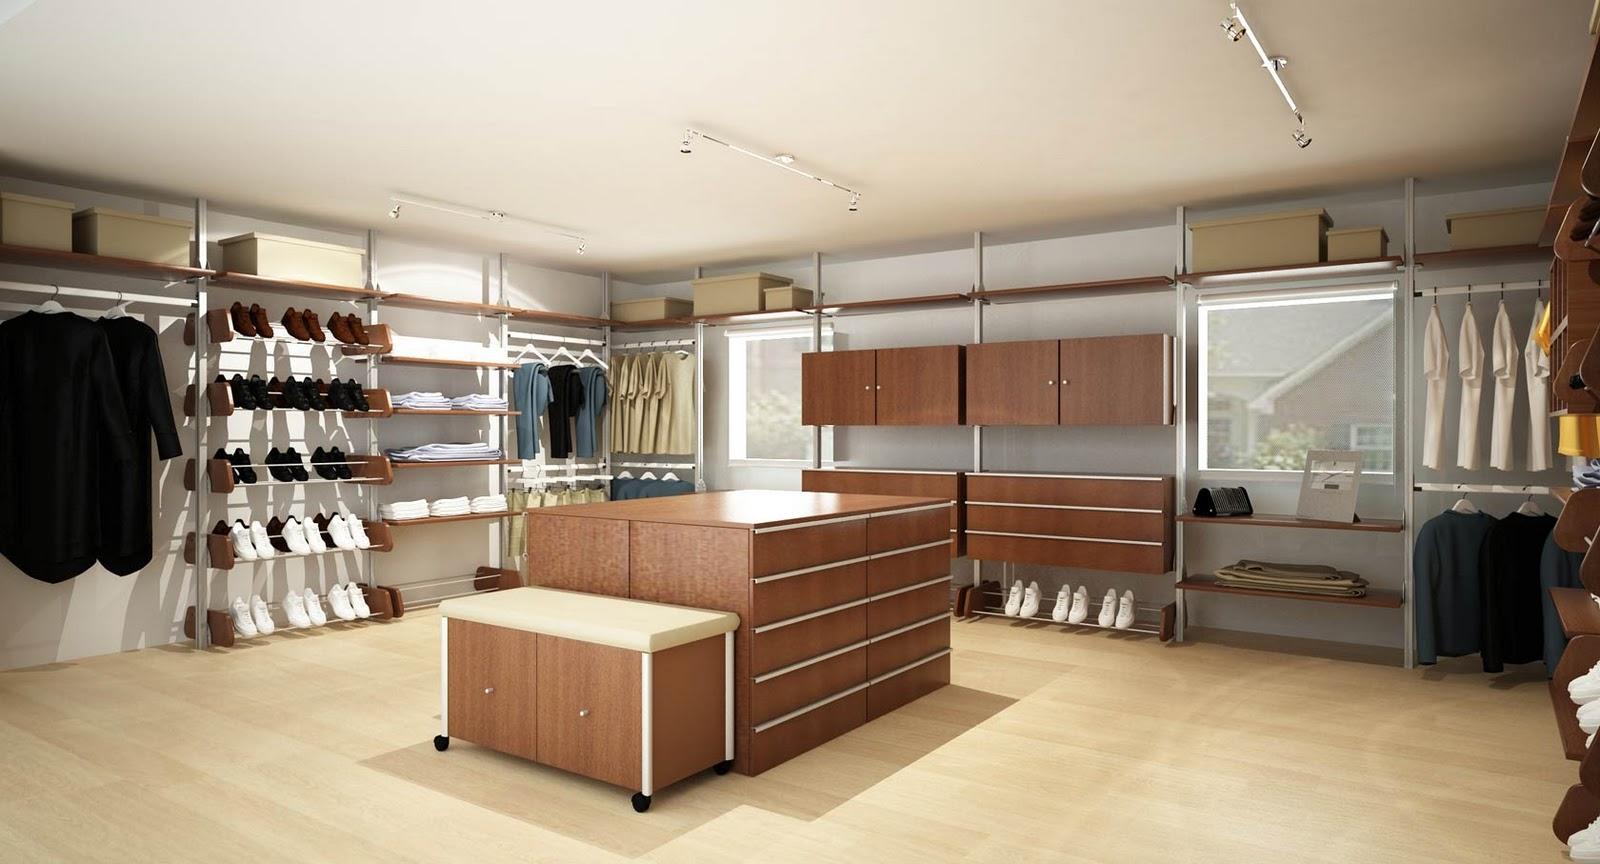 closets de madera   closet vestidor.jpg #8D623E 1600x864 Banheiro Closet Fotos